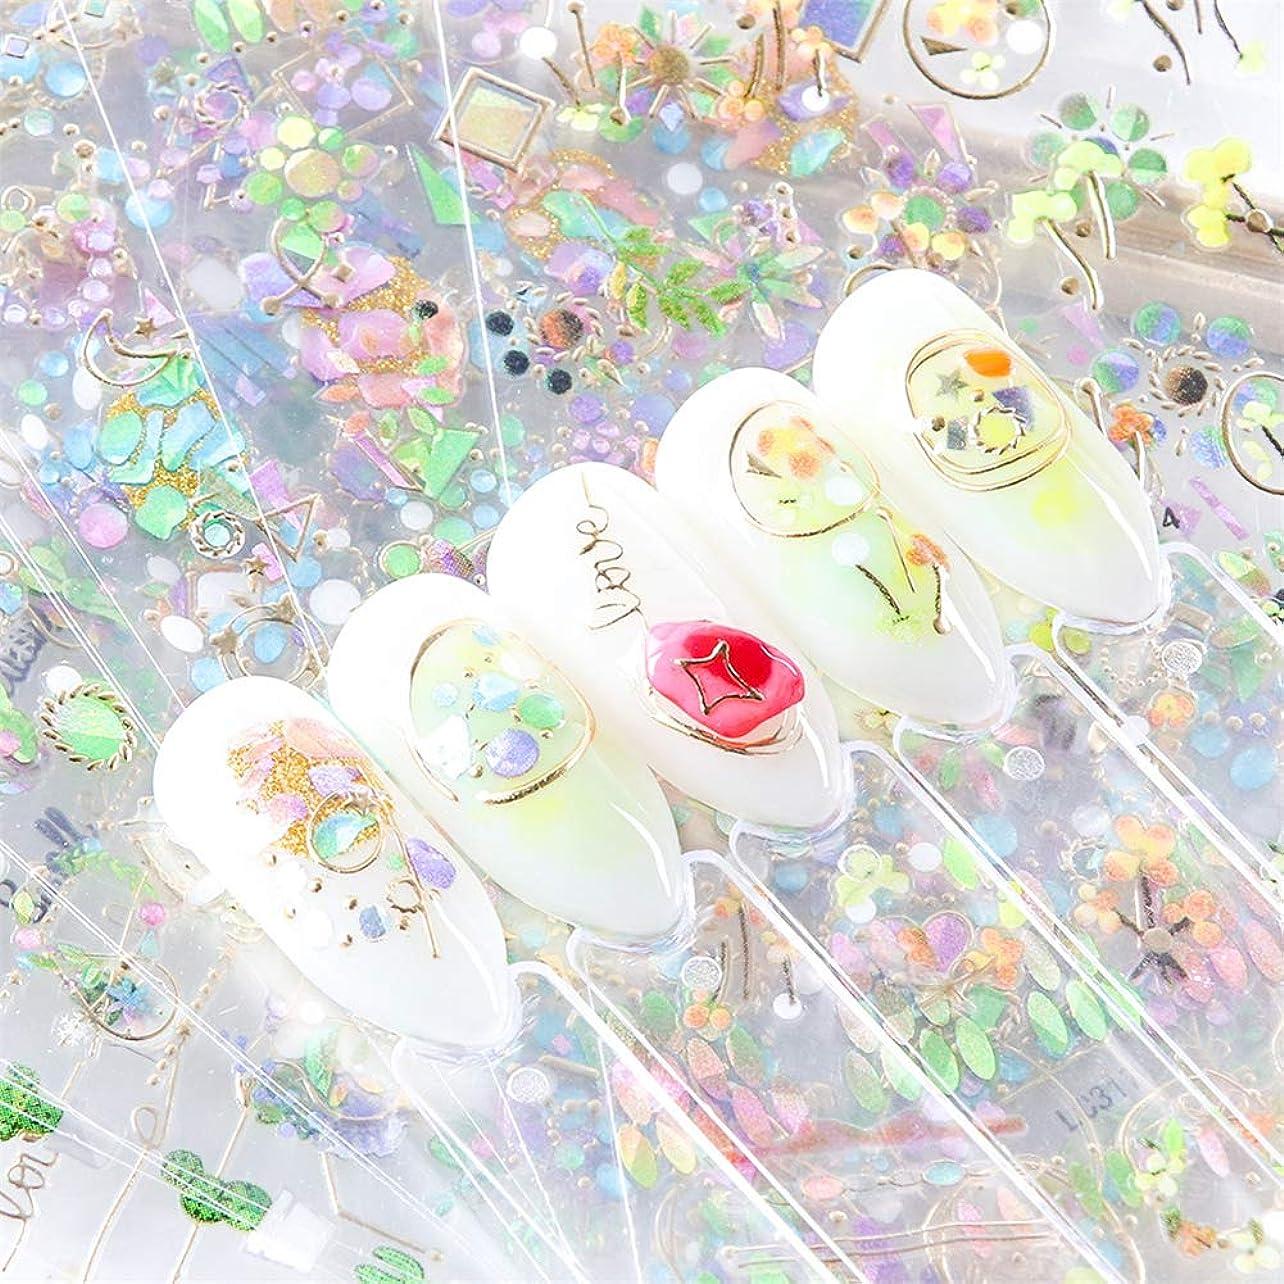 収入詳細にアンケート貼るだけでいい 3Dお花 フレームパーツ風 メタルの型 枠 チャーム ネイルシールネイルステッカー ジェルネイルやレジンに 埋め込み ネイルアート 4枚セット (1)